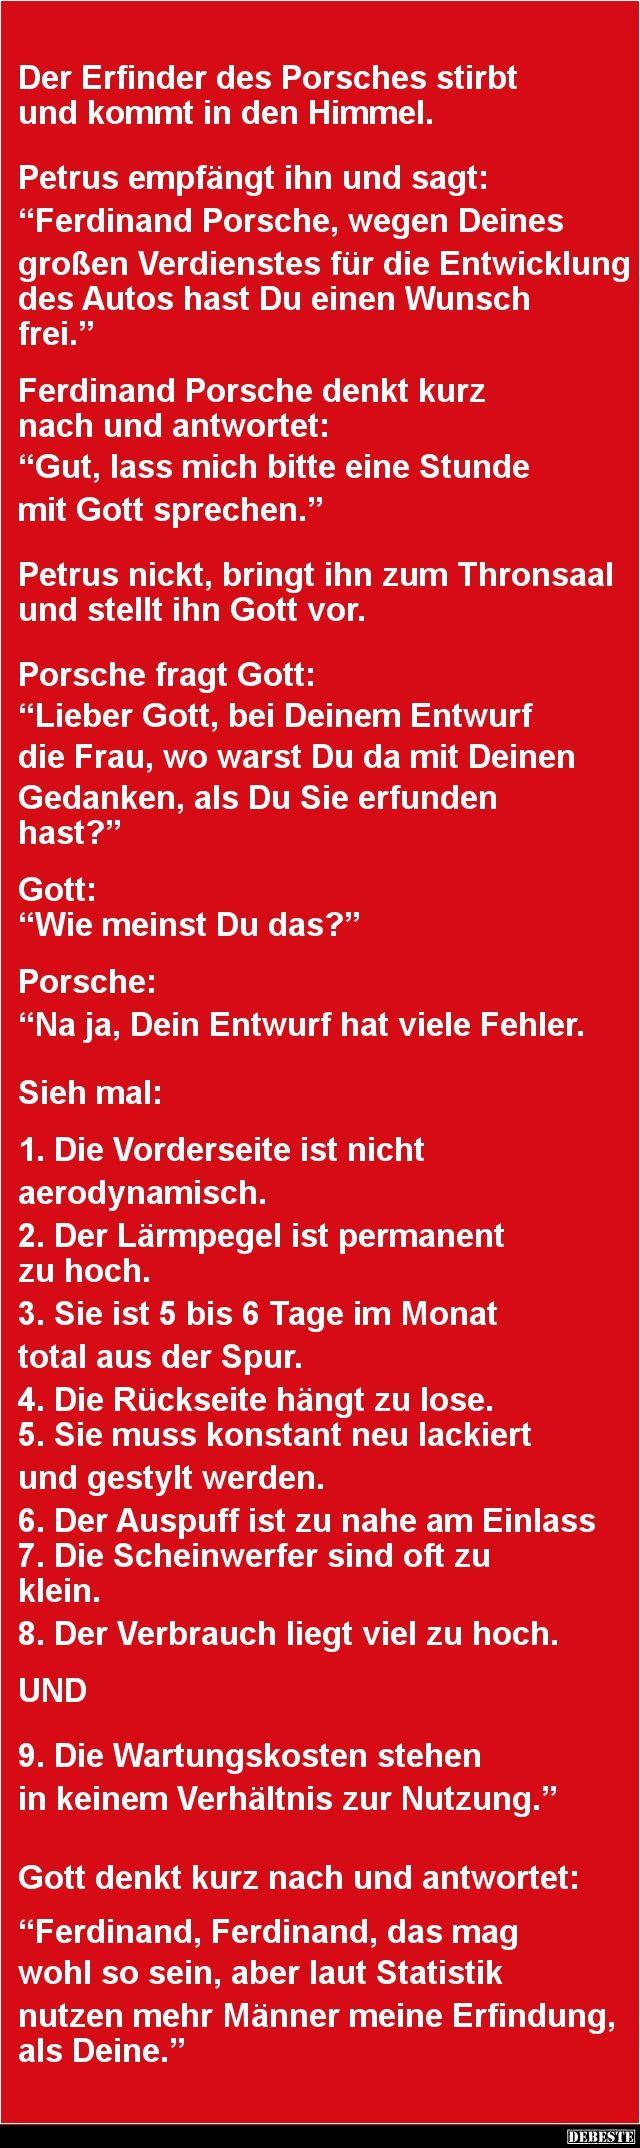 Der Erfinder des Porsches stirbt und kommt in den Himmel | DEBESTE.de, Lustige…